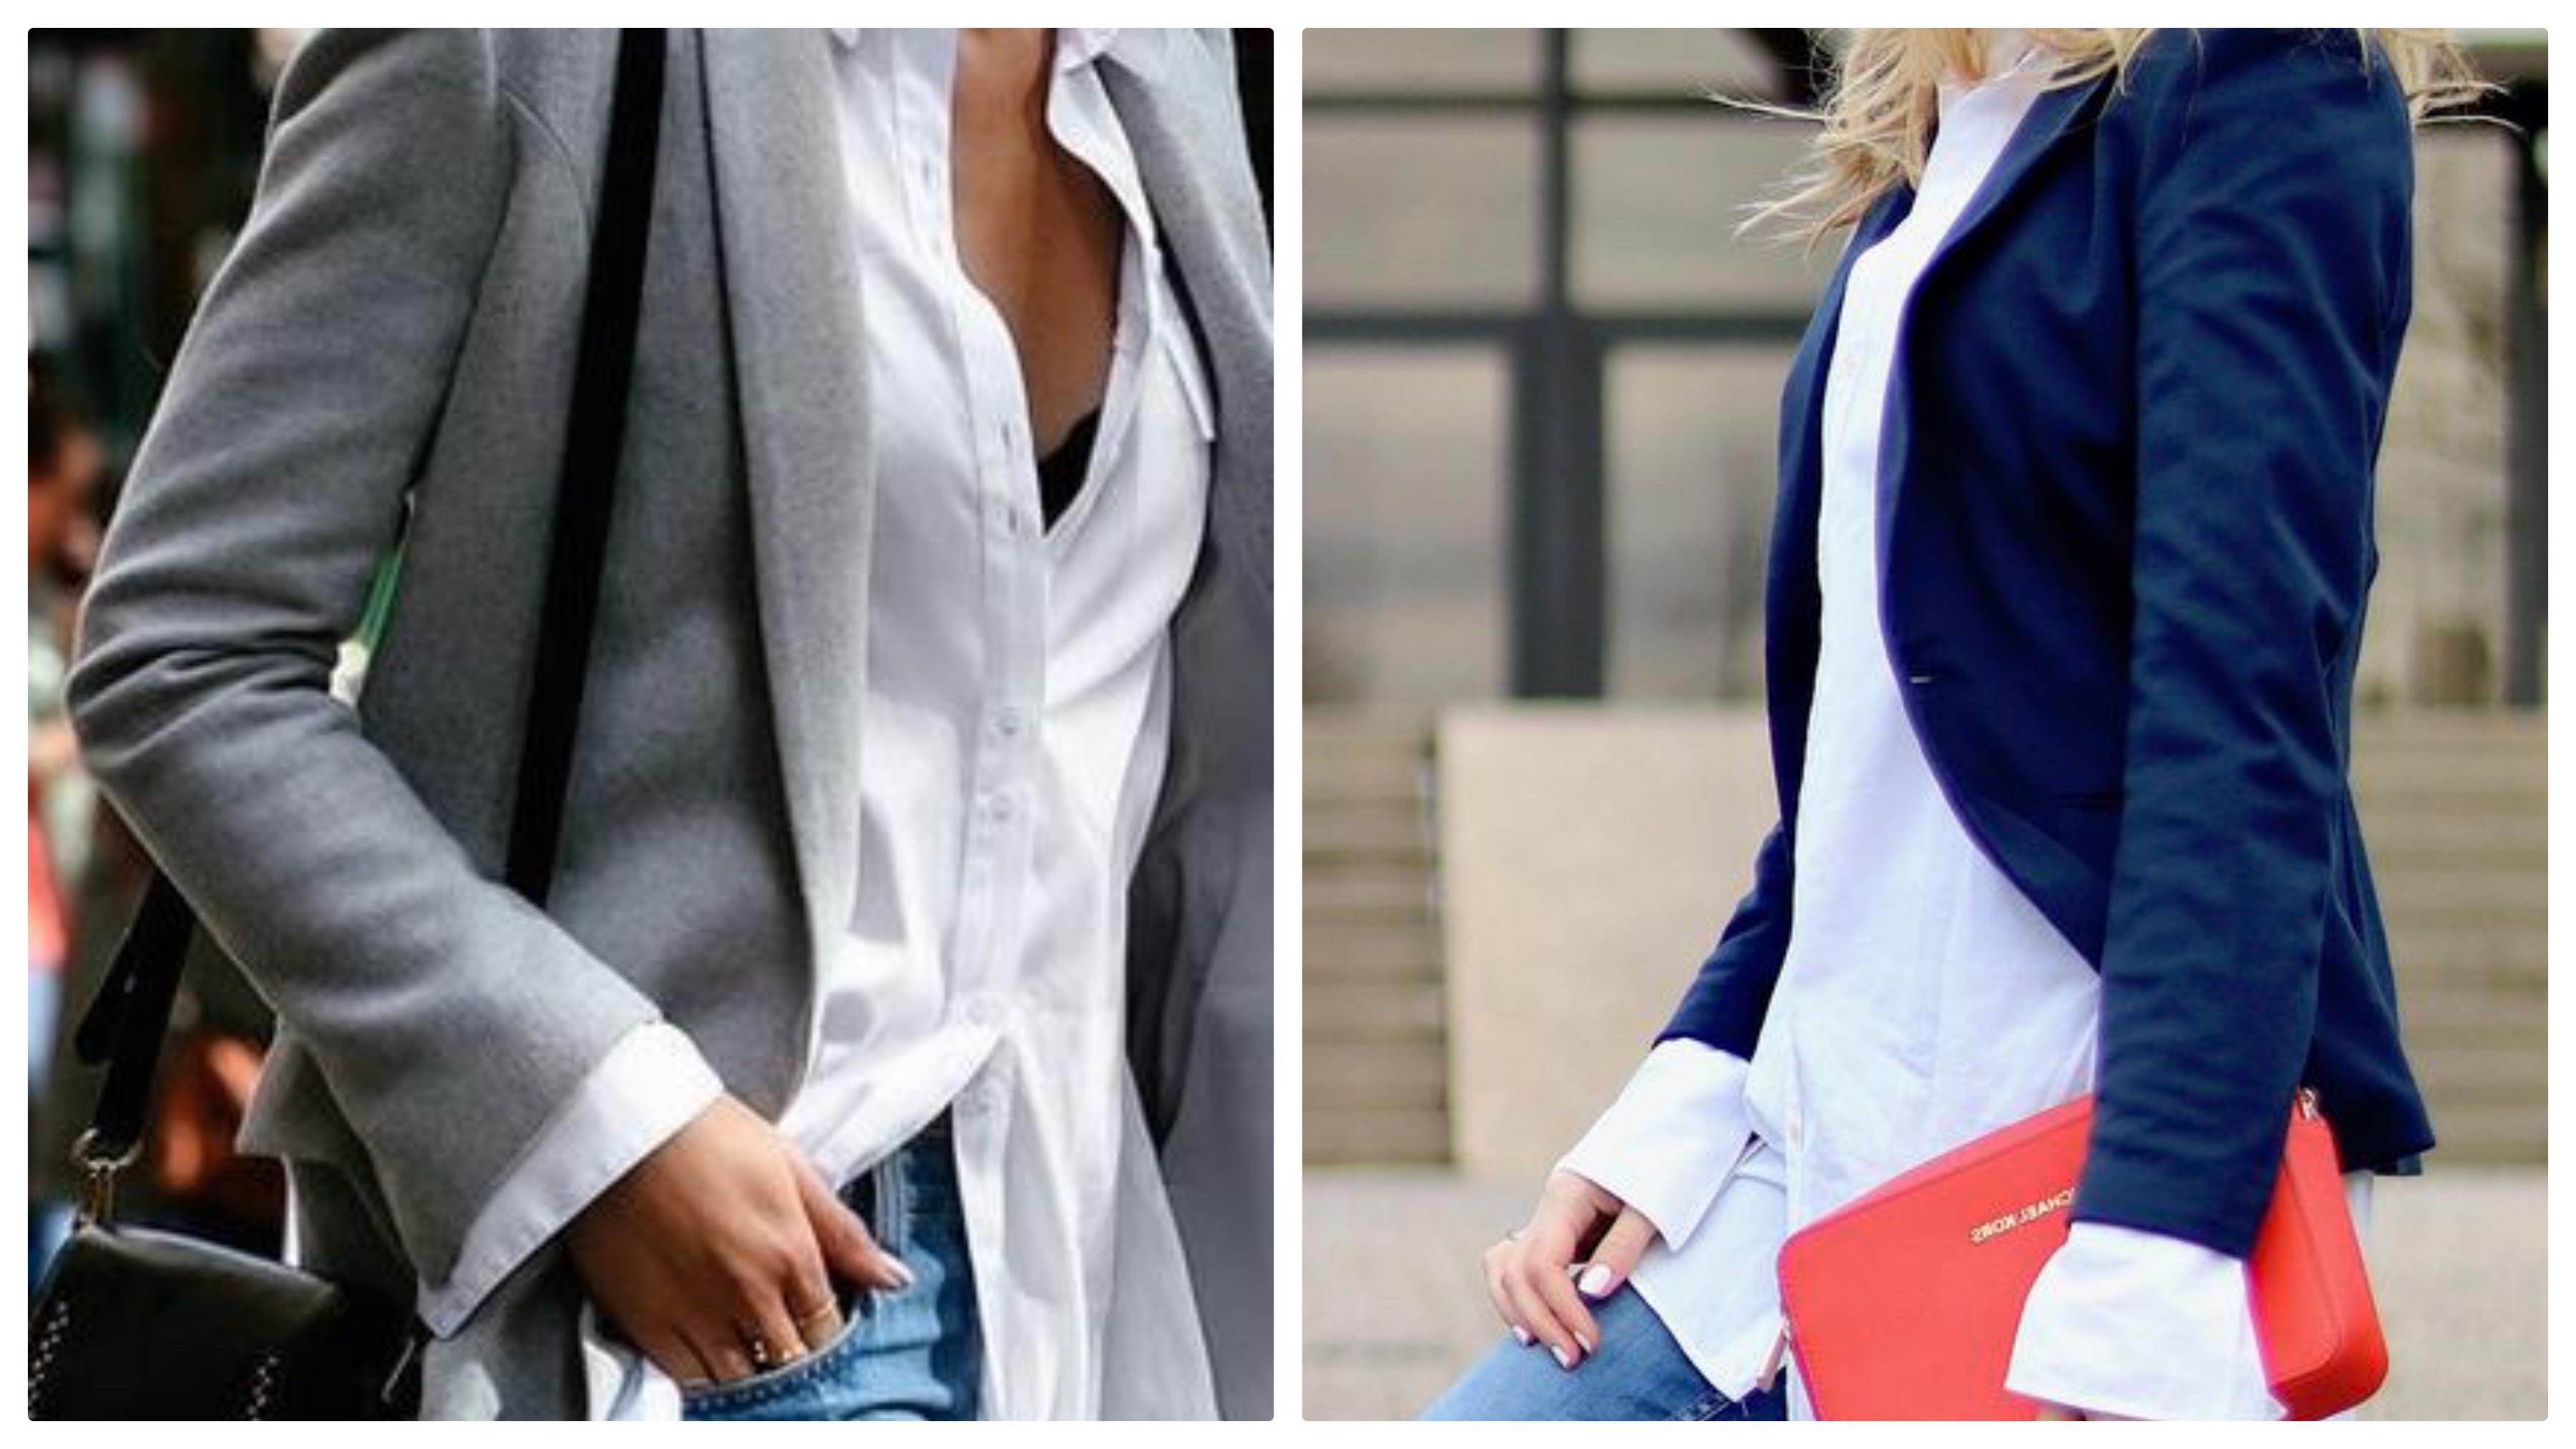 Джинсы, рубашка и пиджак